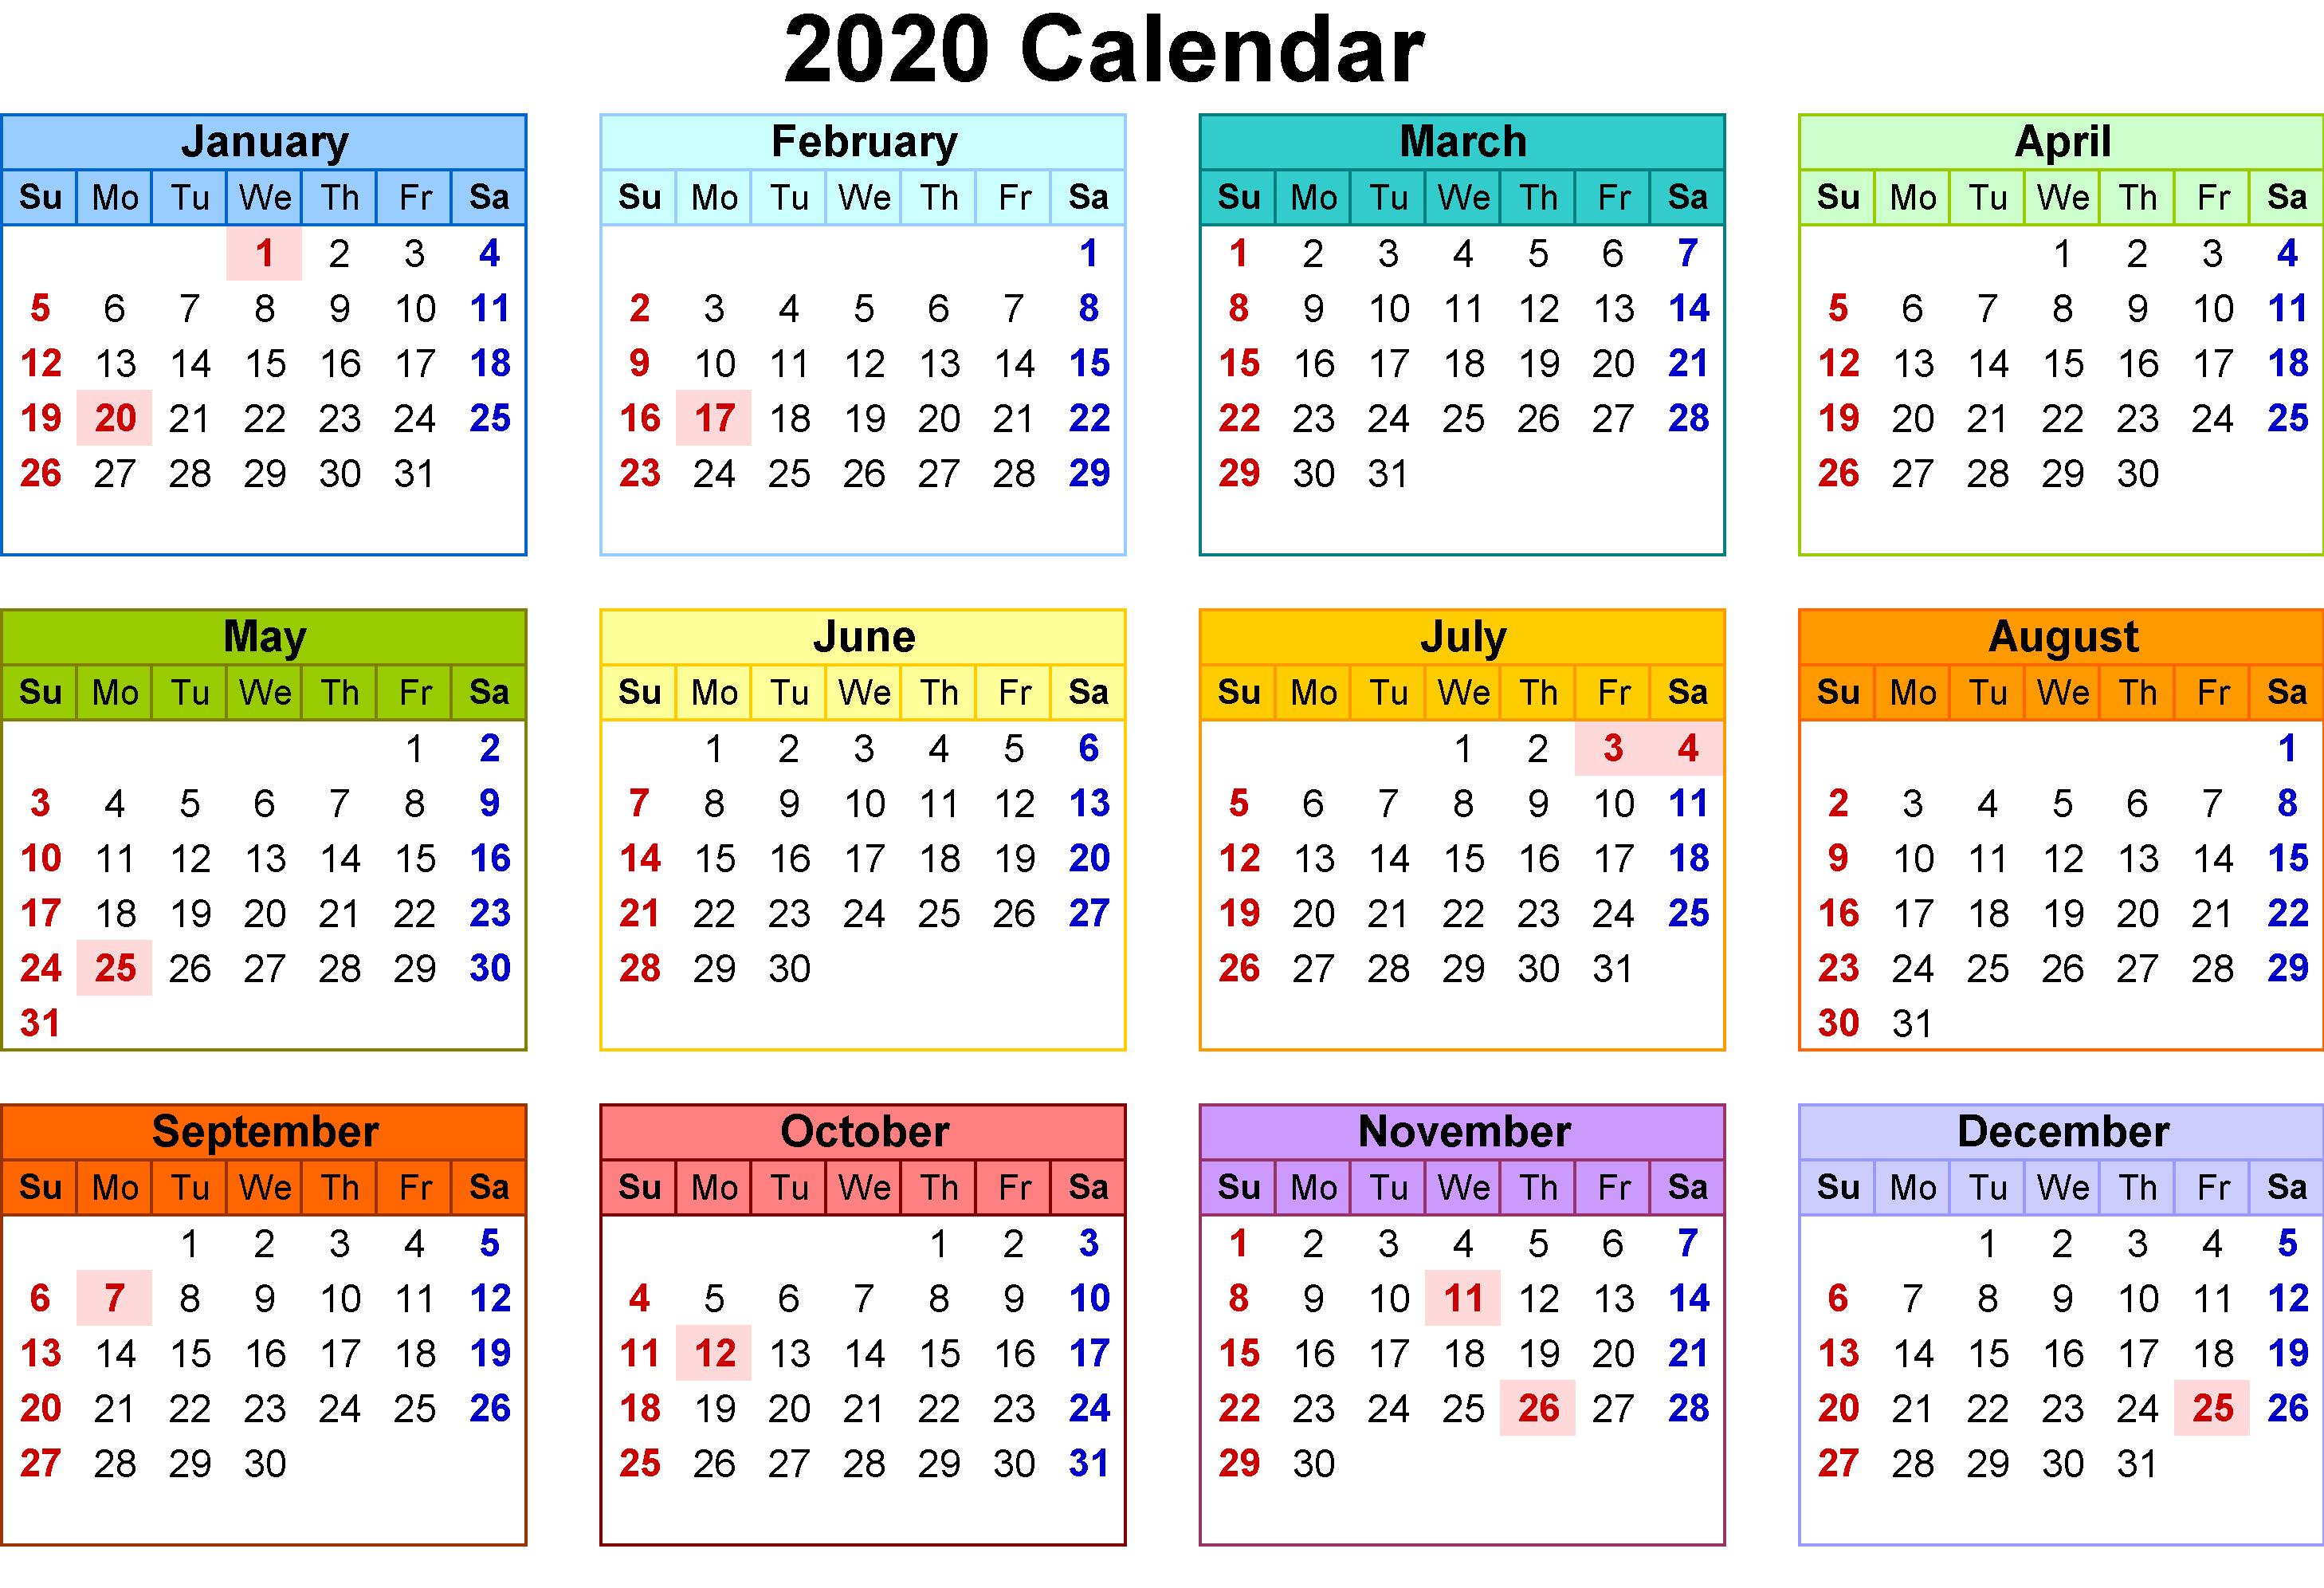 Calendar For 2020 UK